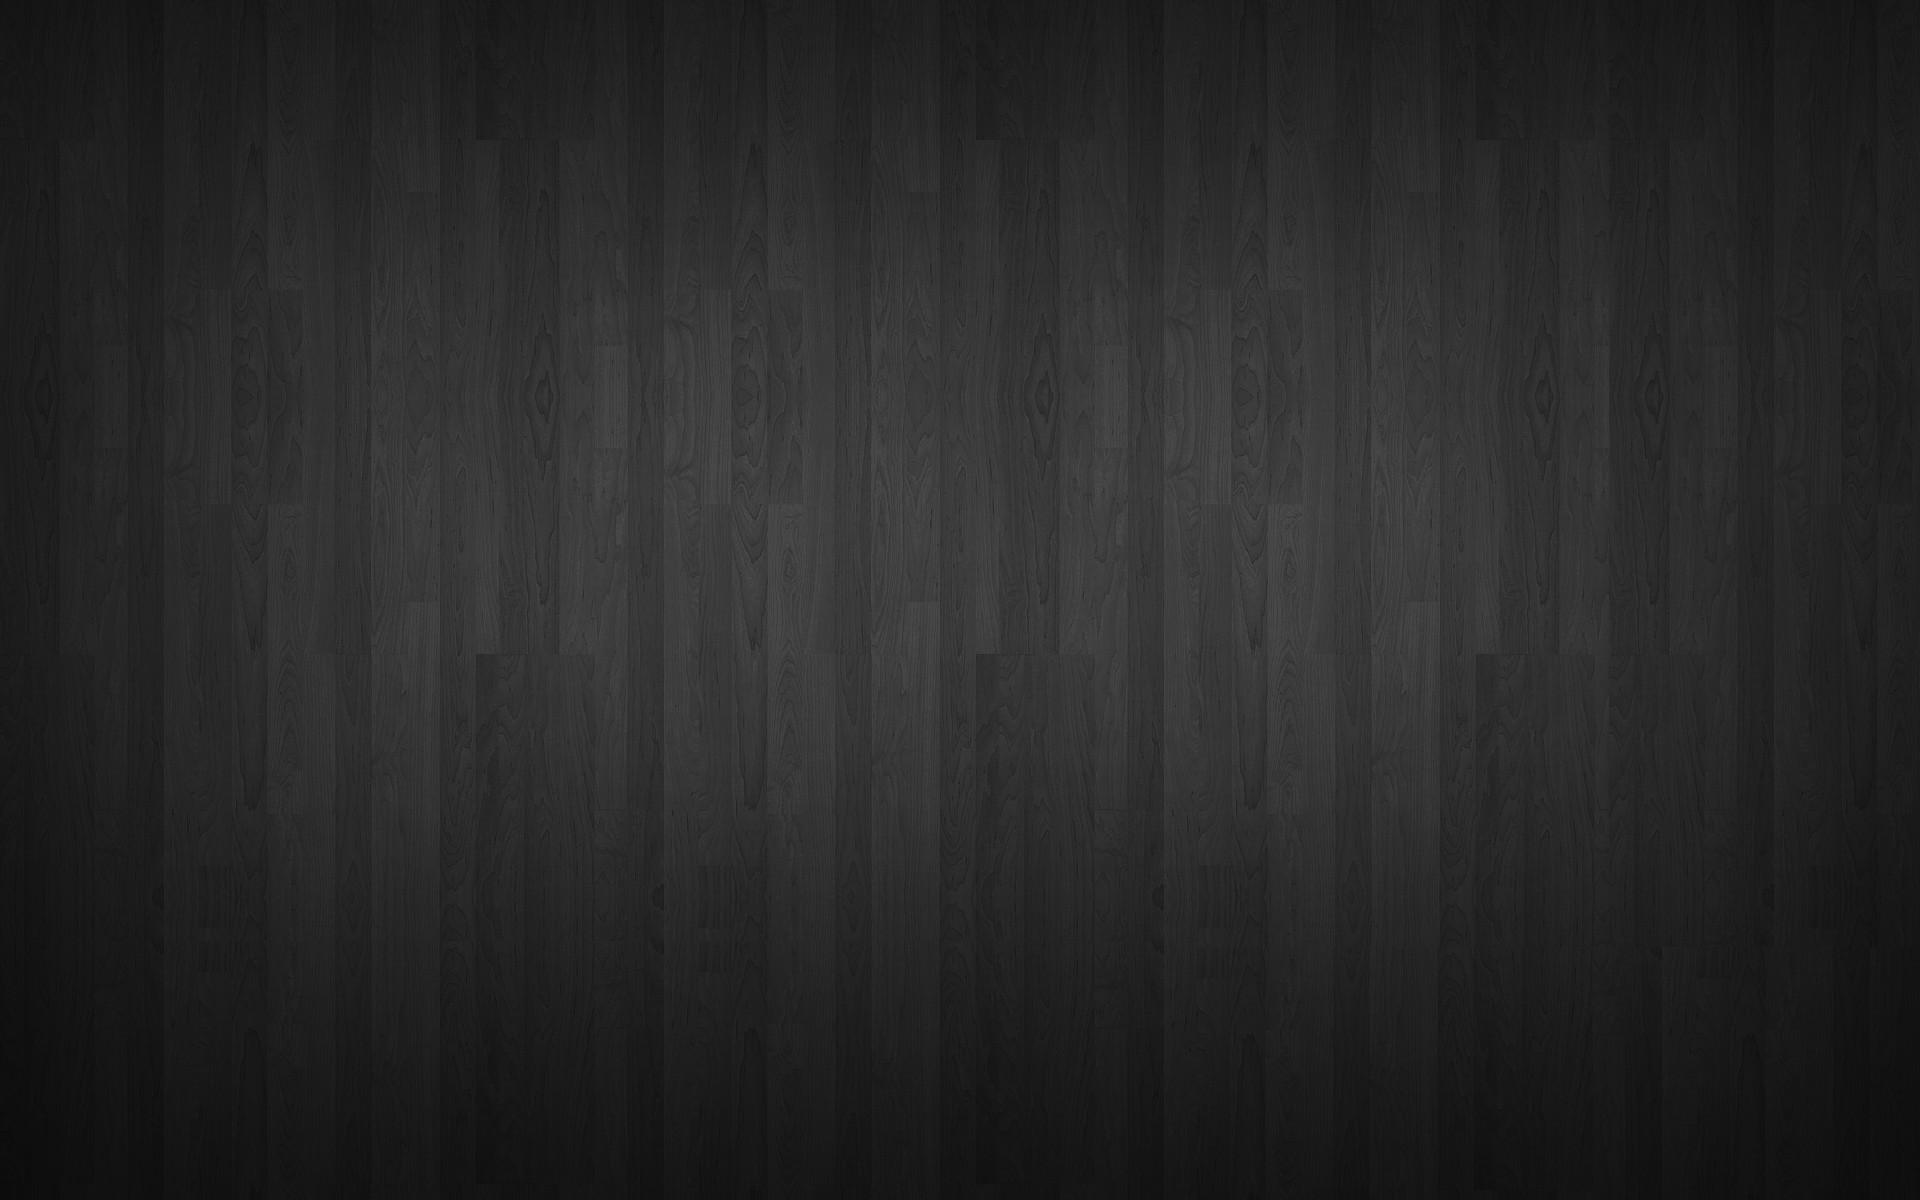 Plain Black Hd Wallpaper